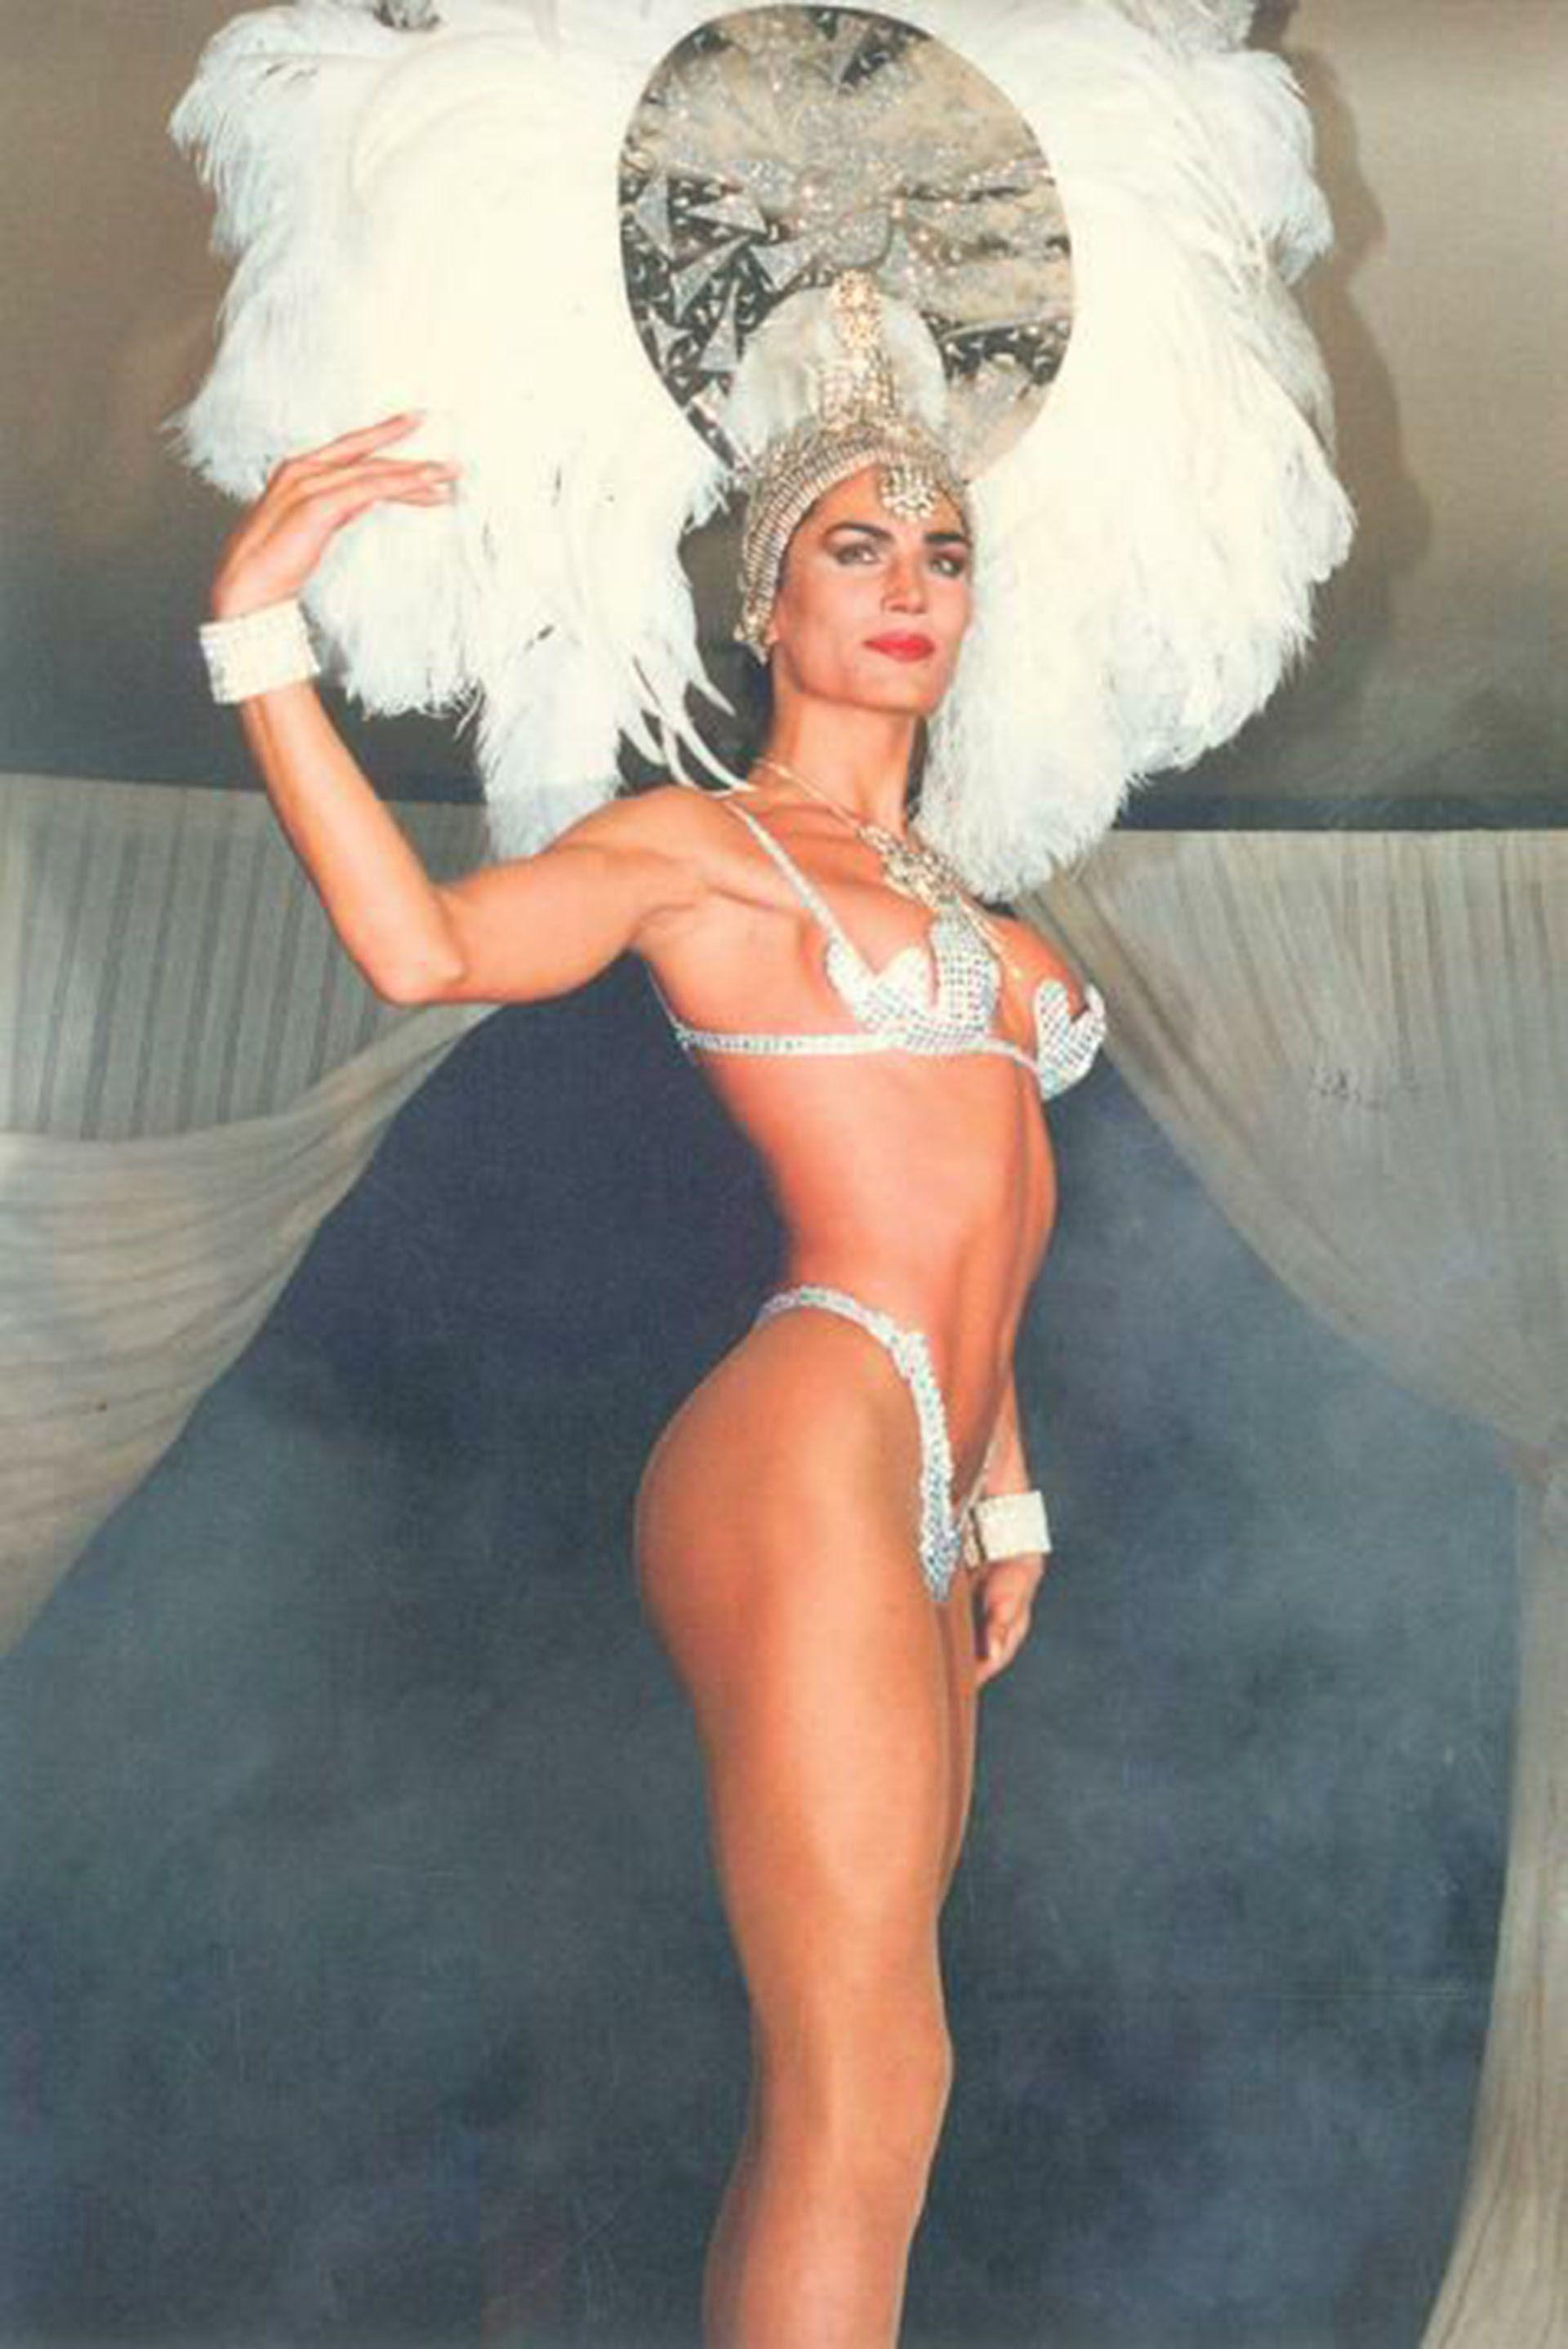 Con su imponente figura y una sensualidad desplegó sus primeras armas artísticas protagonizando shows musicales